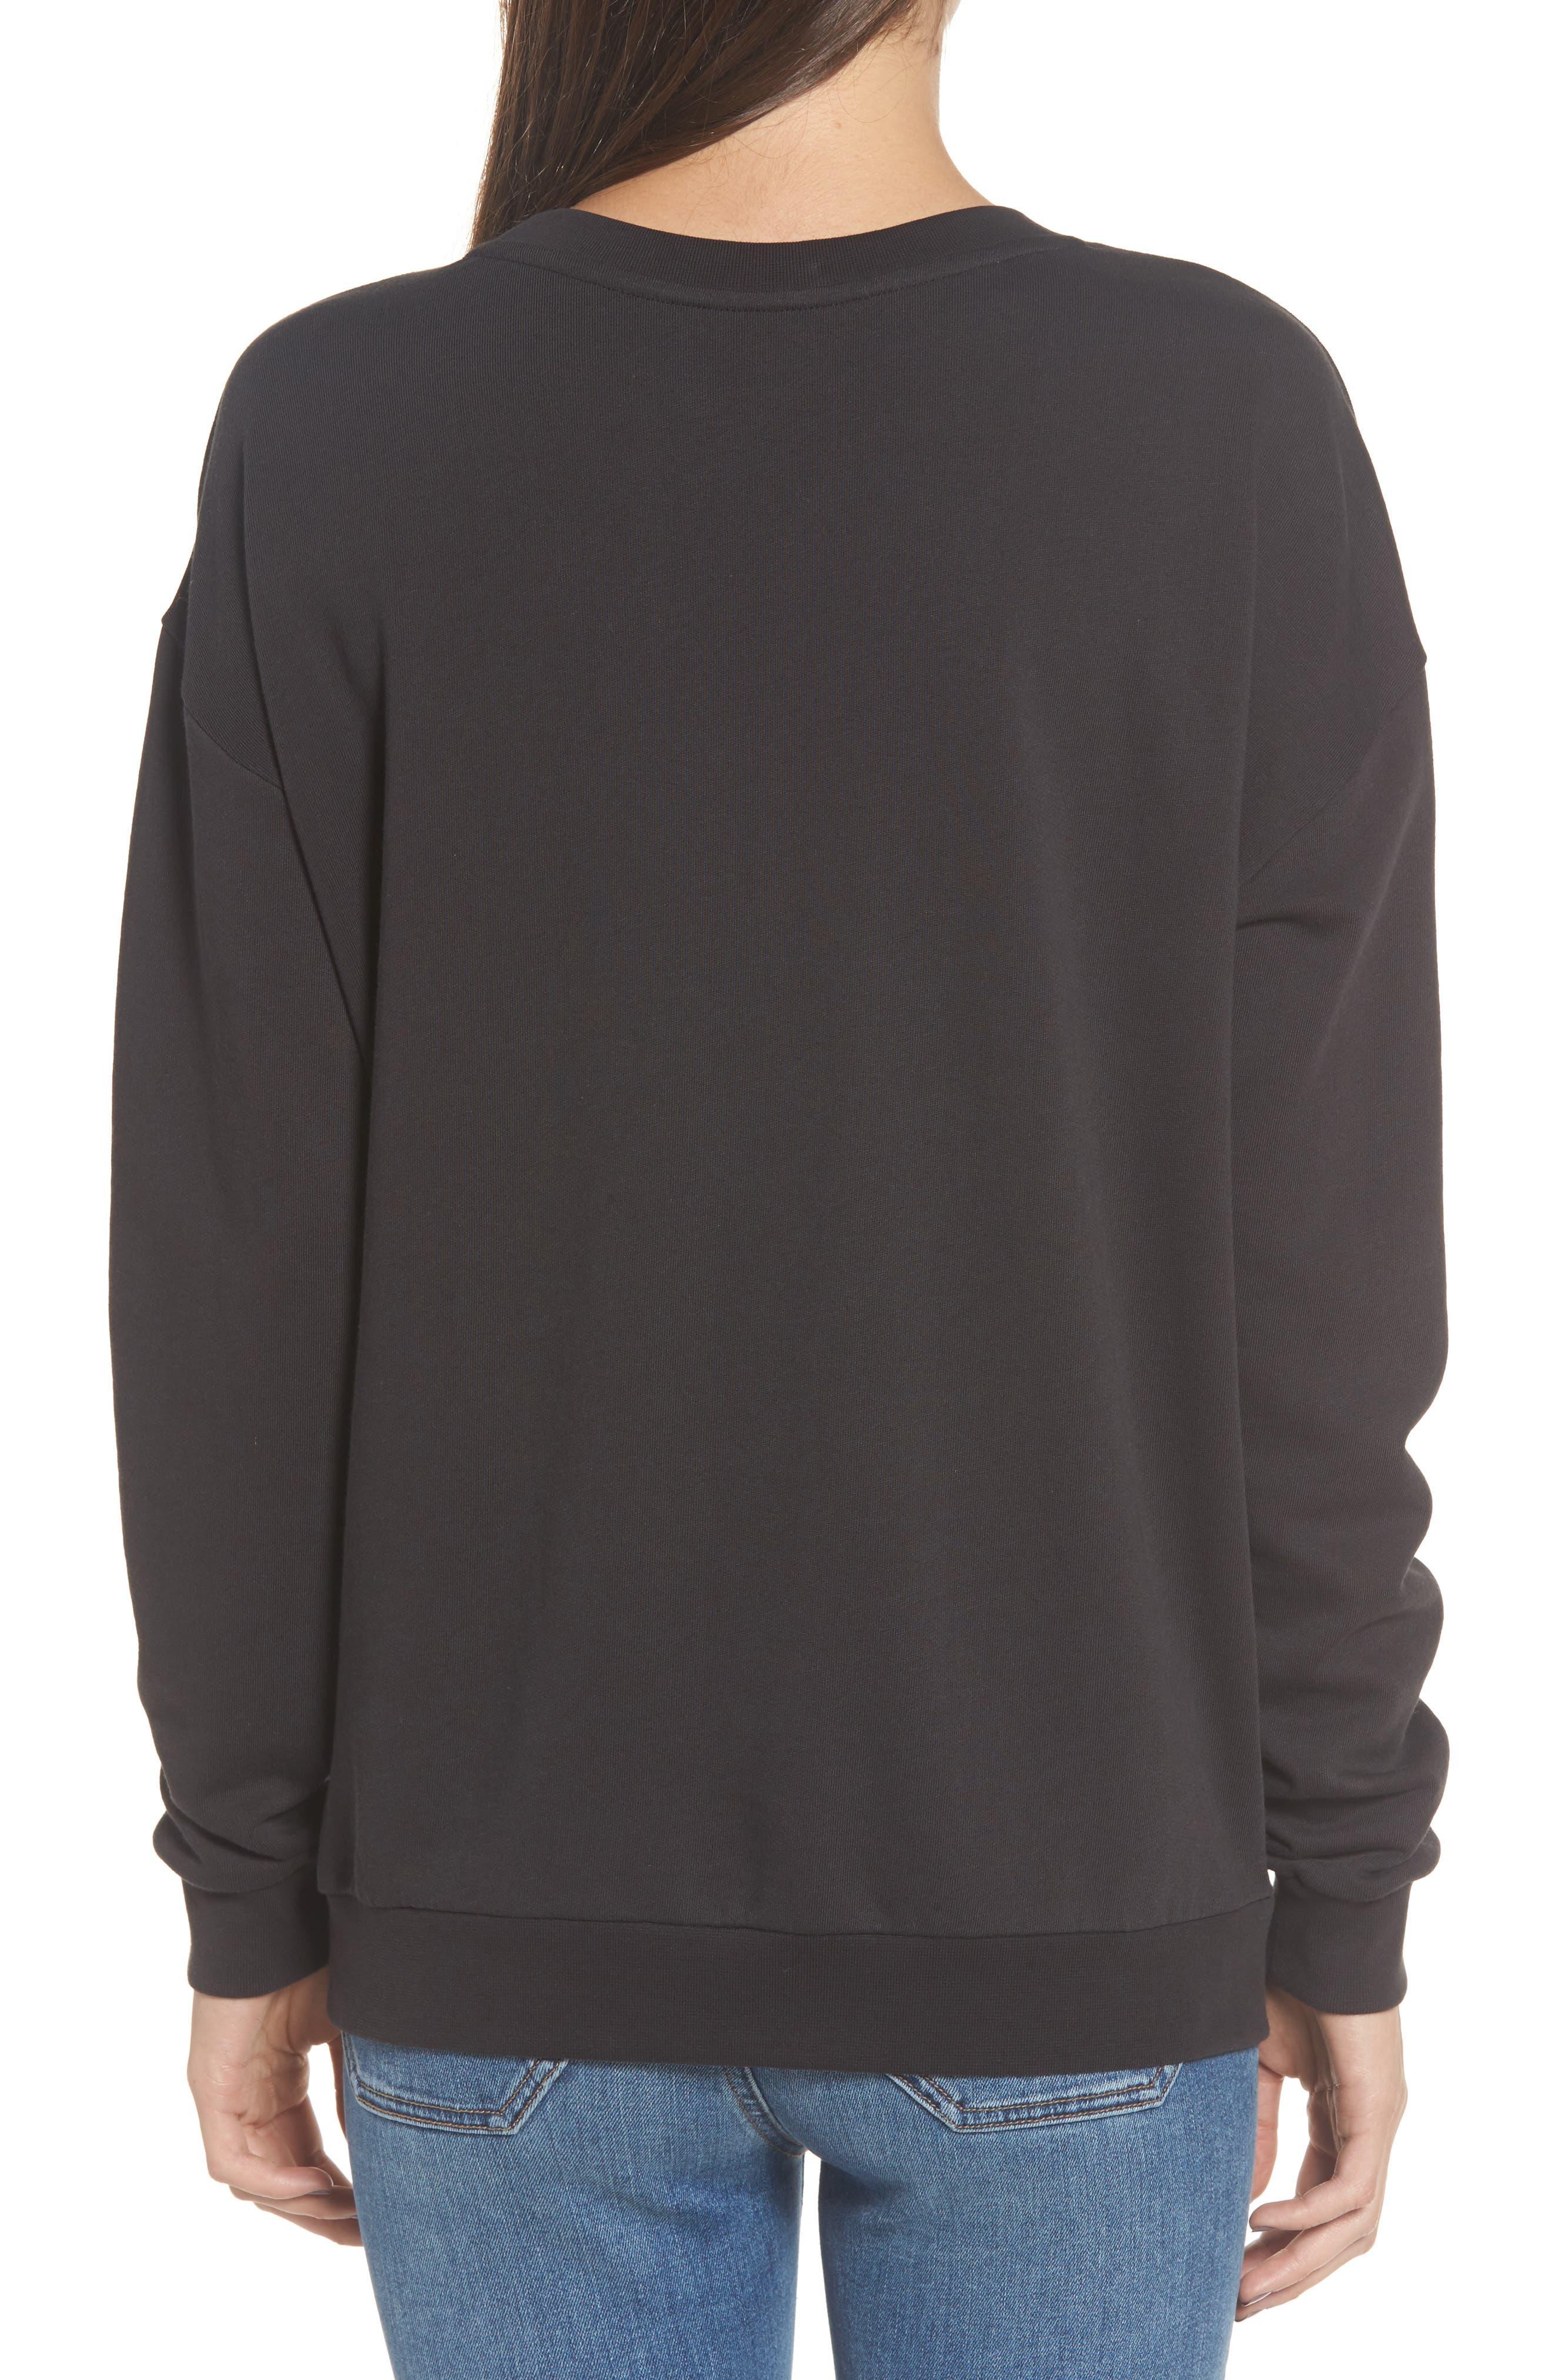 Bisous Sweatshirt,                             Alternate thumbnail 2, color,                             Black